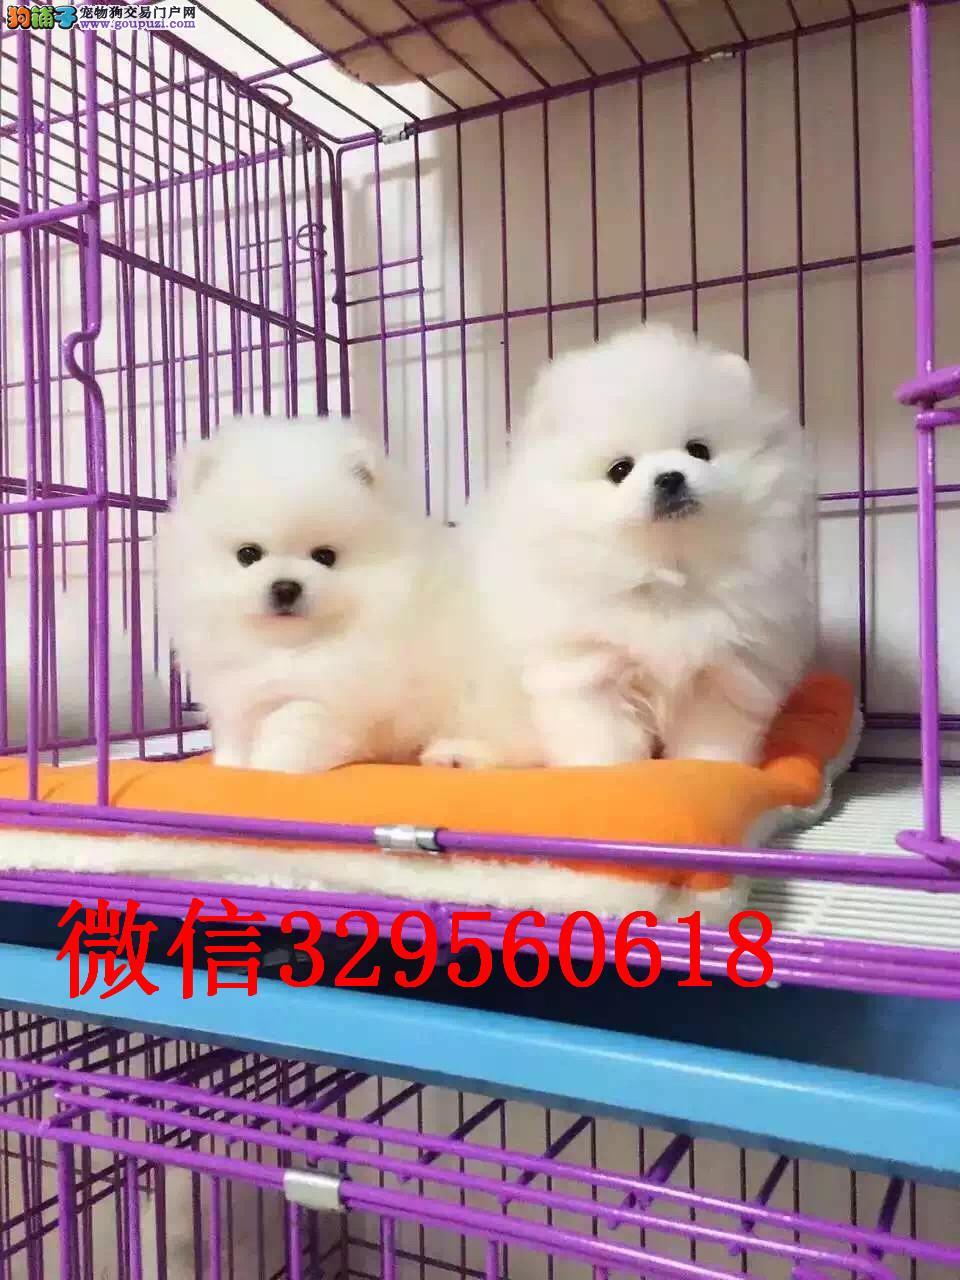 东营哪里有卖博美的 小体博美多少钱 球体博美犬出售